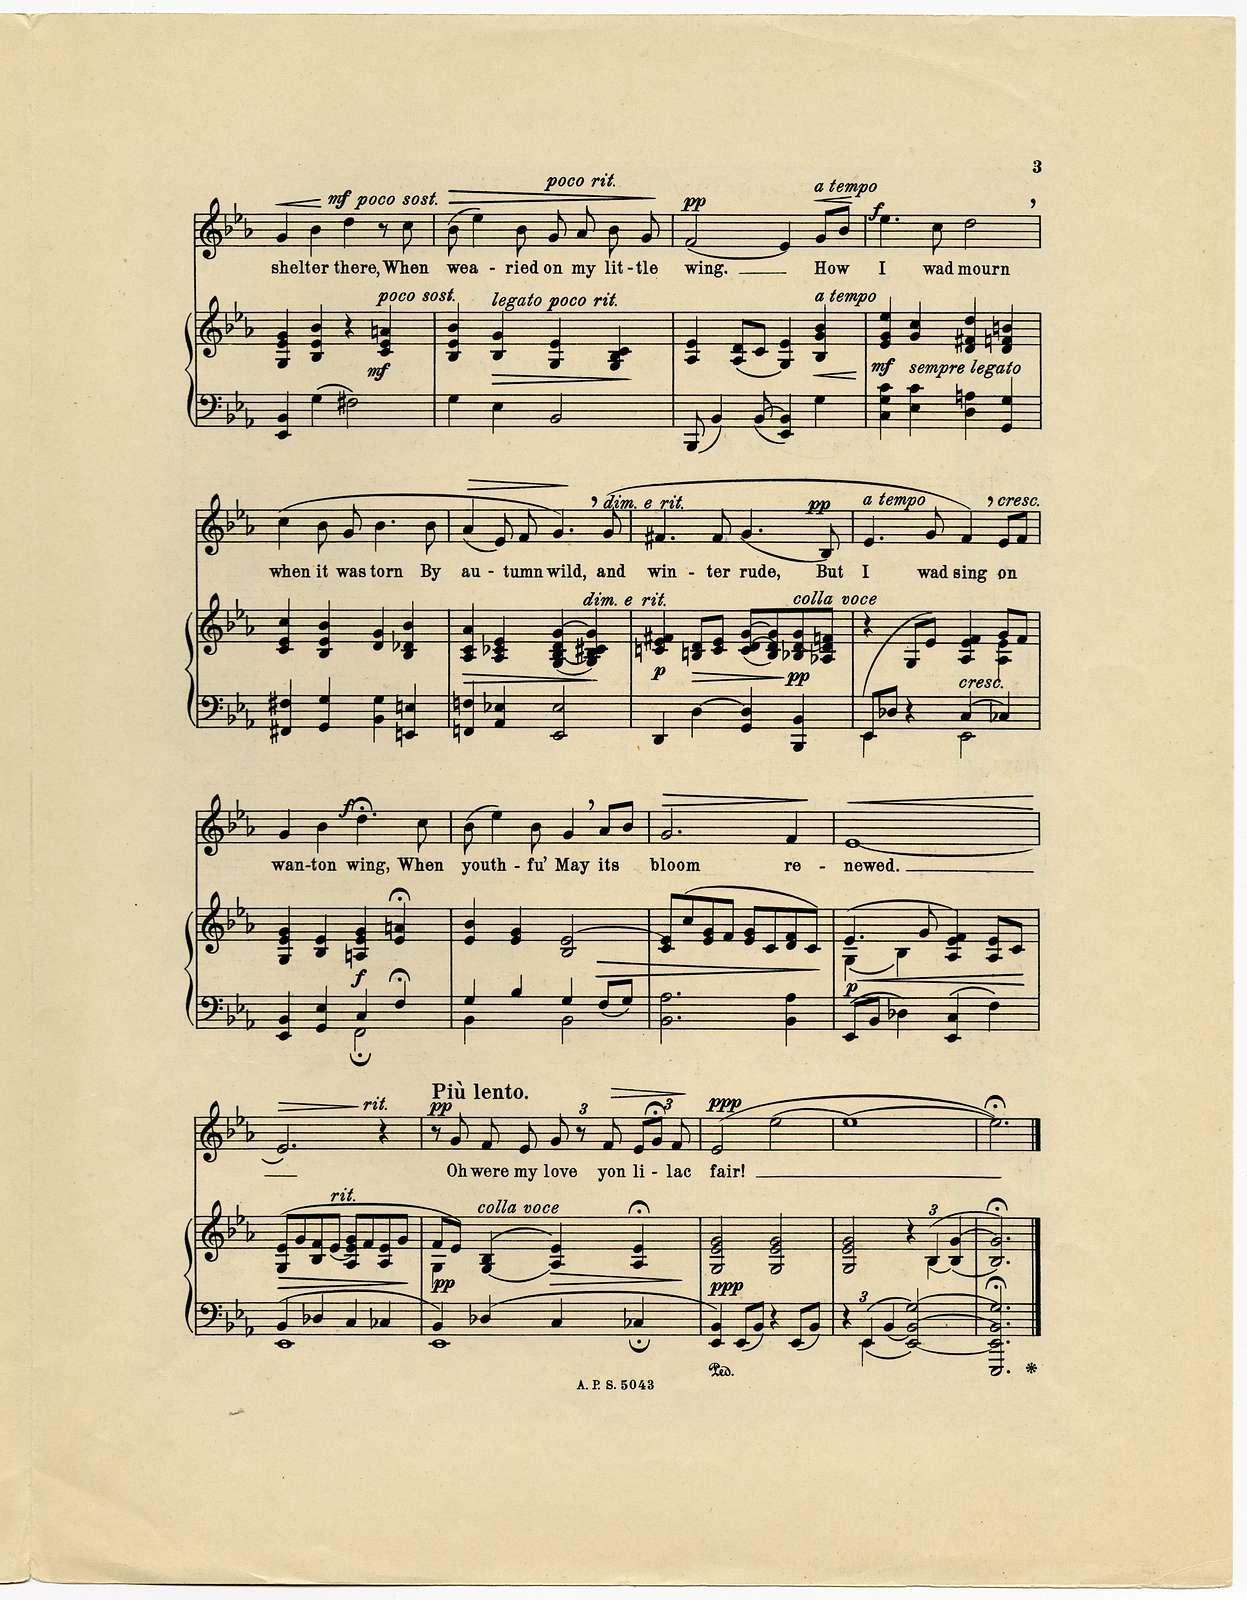 Oh were my love yon lilac fair! Op. 43, No. 3.